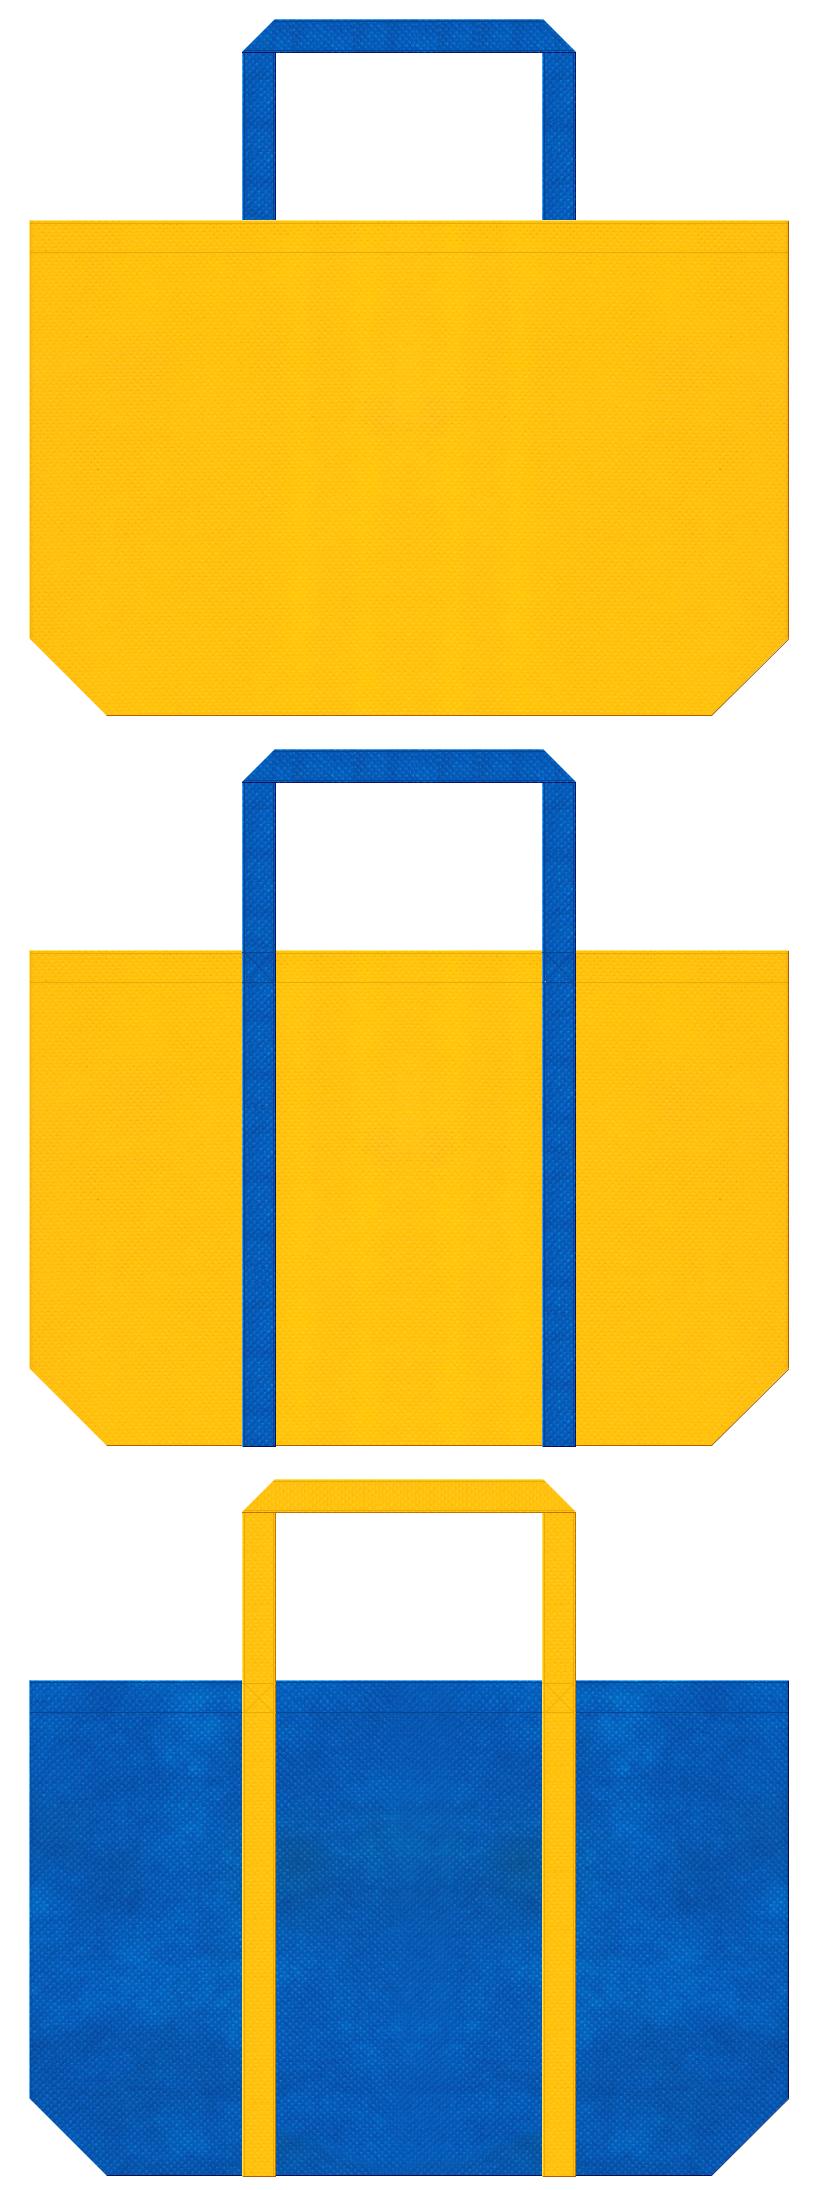 不織布バッグのデザイン:不織布カラーNo.4パンプキンイエローとNo.22スカイブルーの組み合わせ